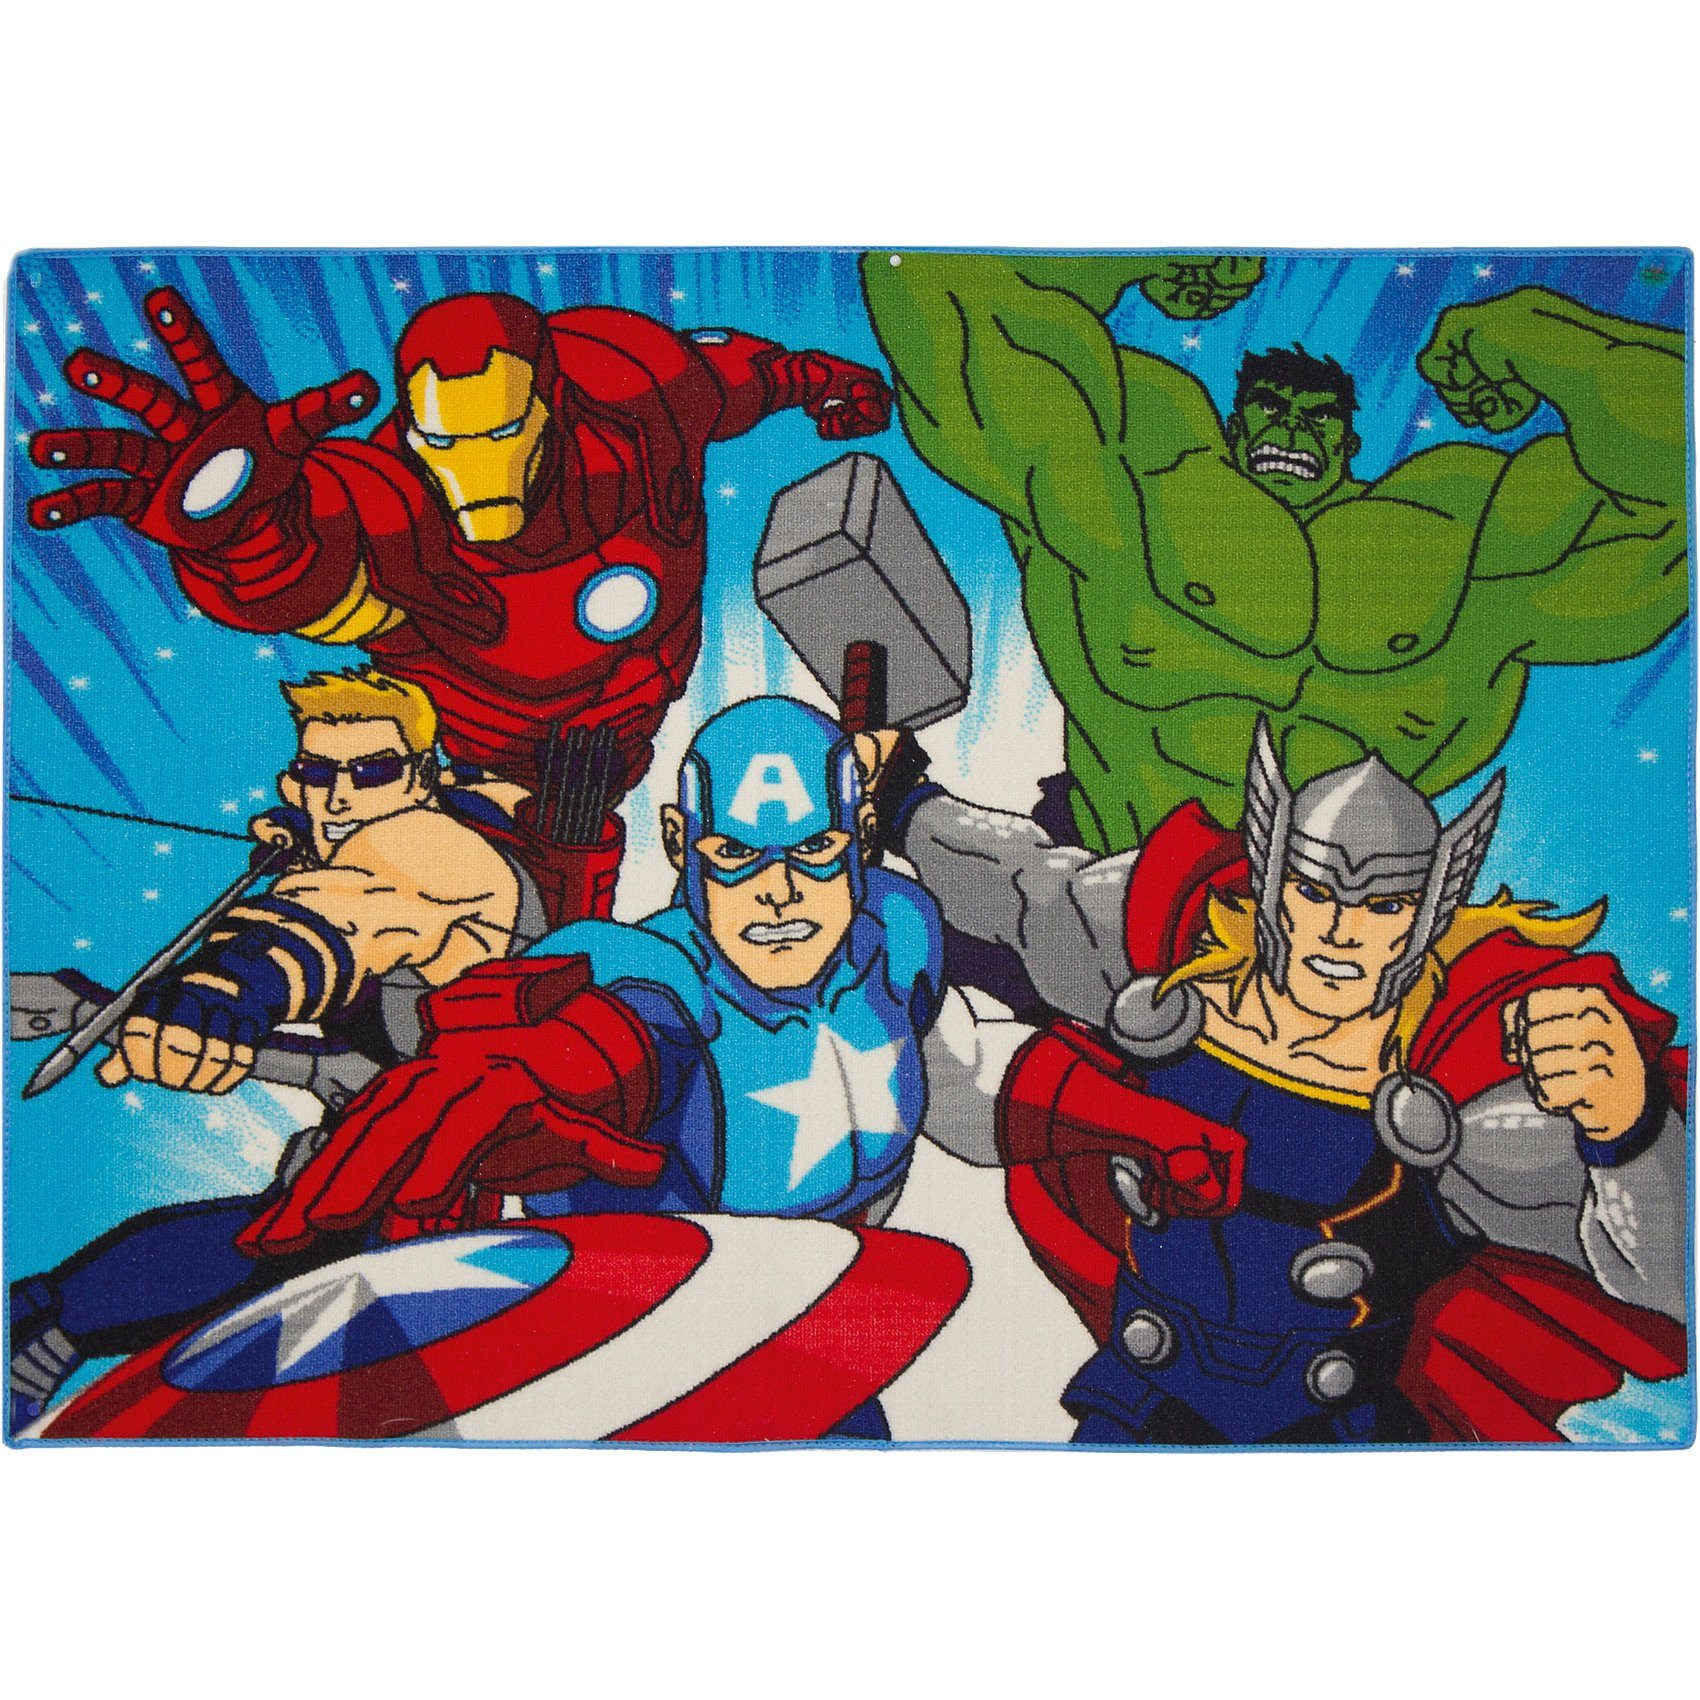 Kinderteppich Avengers Action, 95 x 133 cm